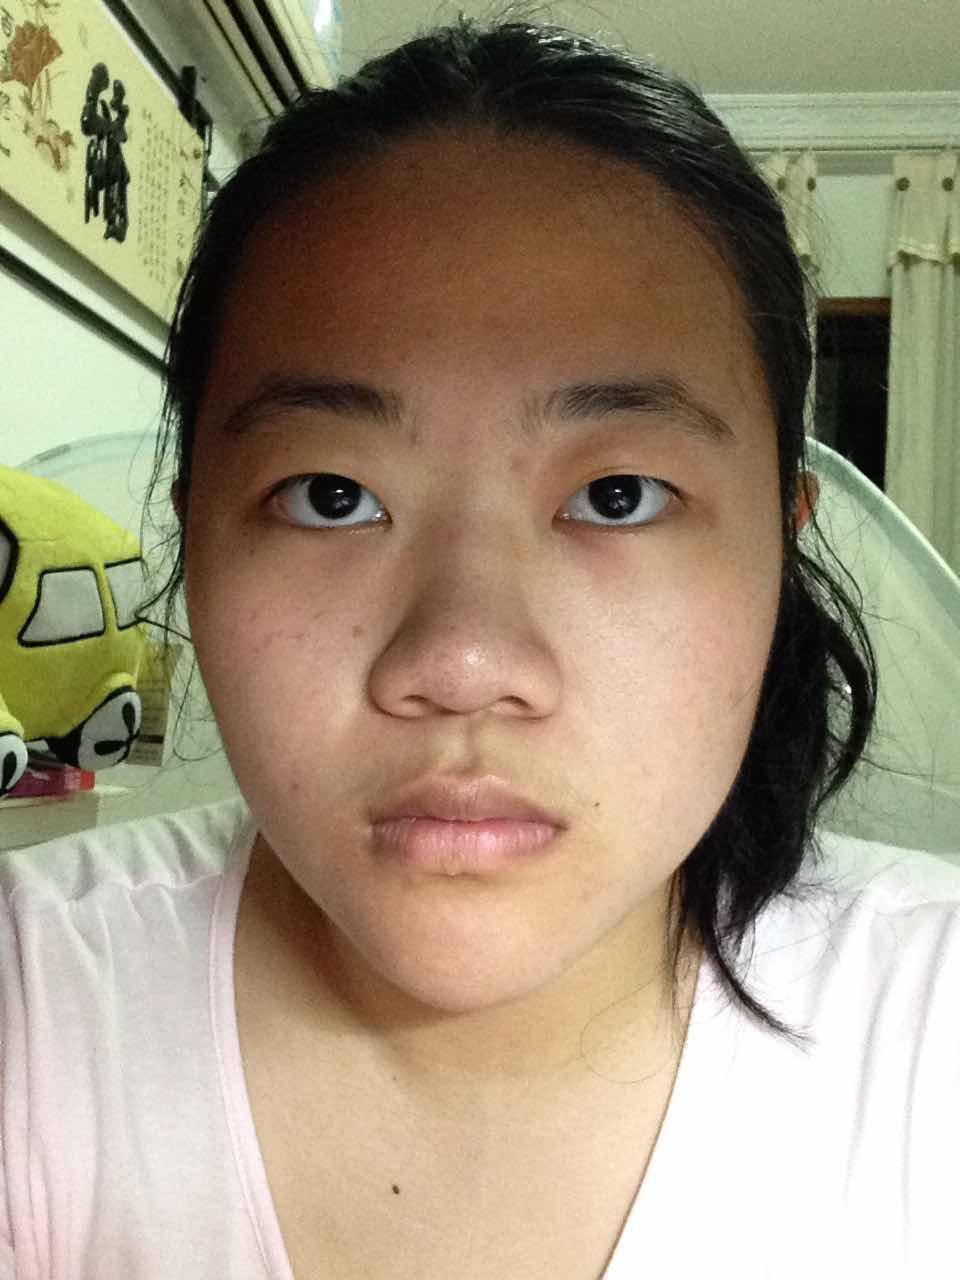 鼻尖整形的手术方法有哪些?大家都说我像牛魔王我好憋屈。